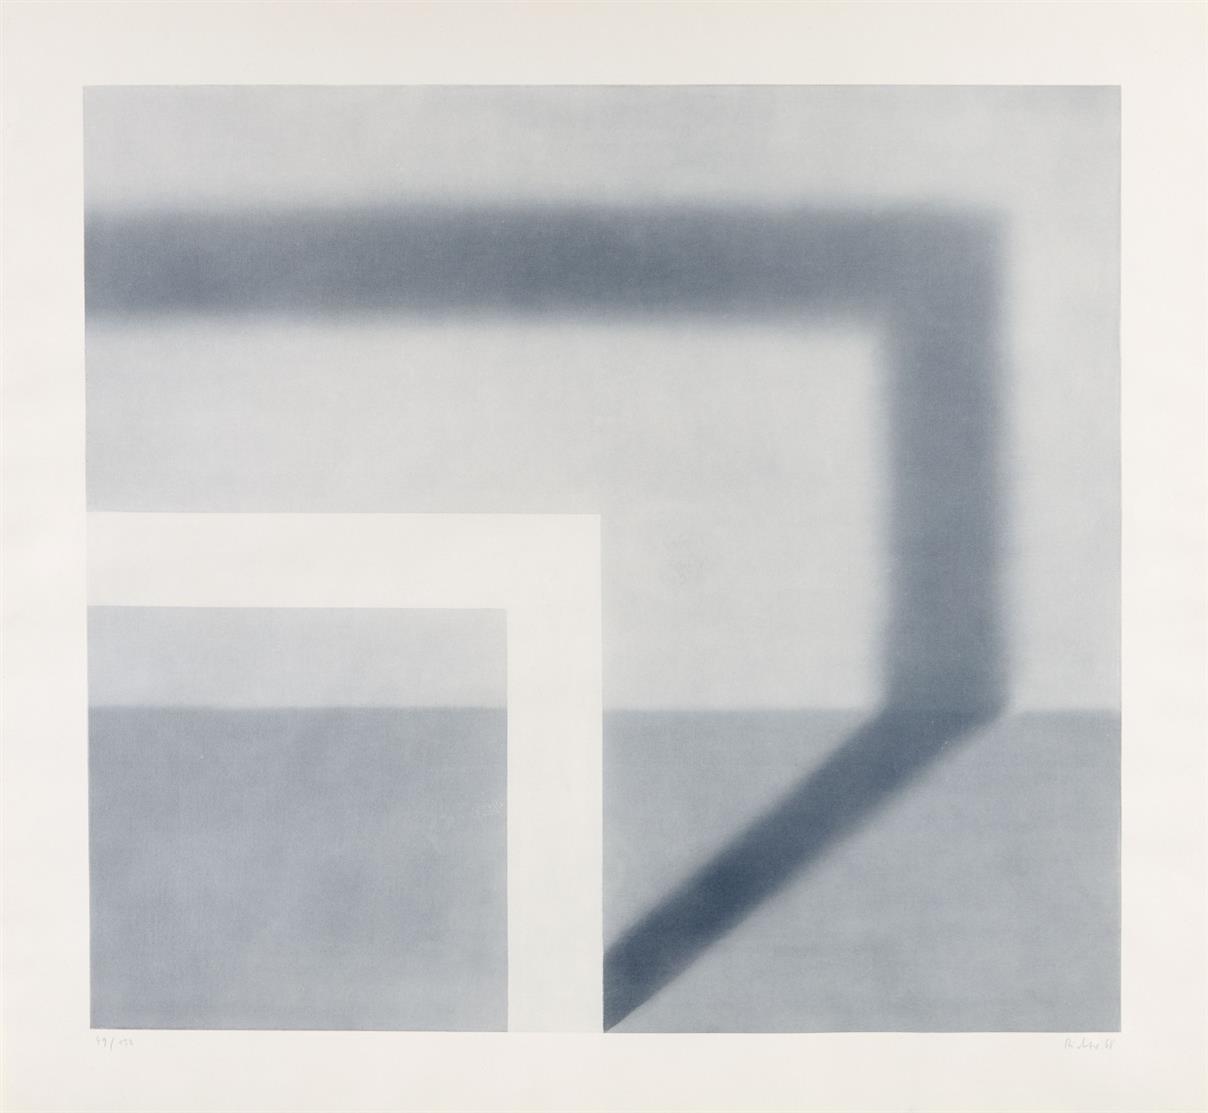 Gerhard Richter. Schattenbild II. 1968. Lichtdruck. Signiert. Ex. 49/150. Butin 18.